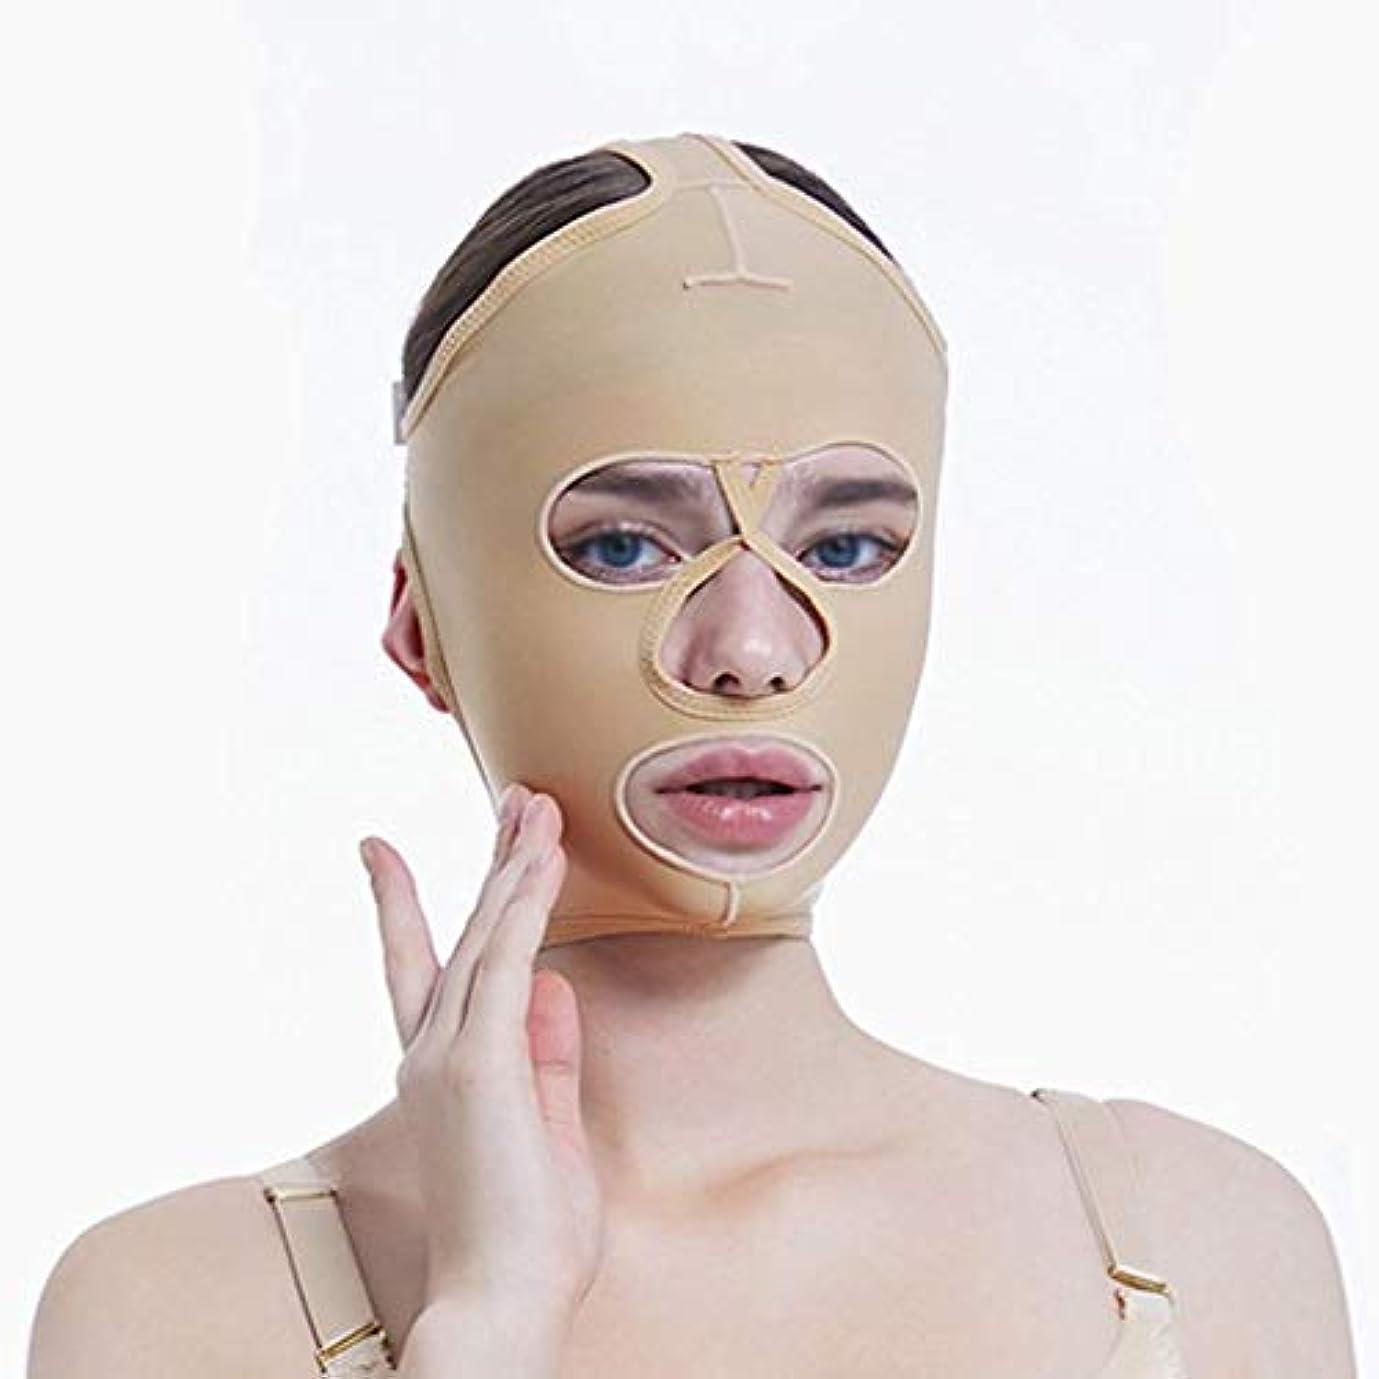 アピールインレイ可動式チンリフティングベルト、超薄型ベルト、引き締めマスク、包帯吊り、フェイスリフティングマスク、超薄型ベルト、通気性(サイズ:L),XL